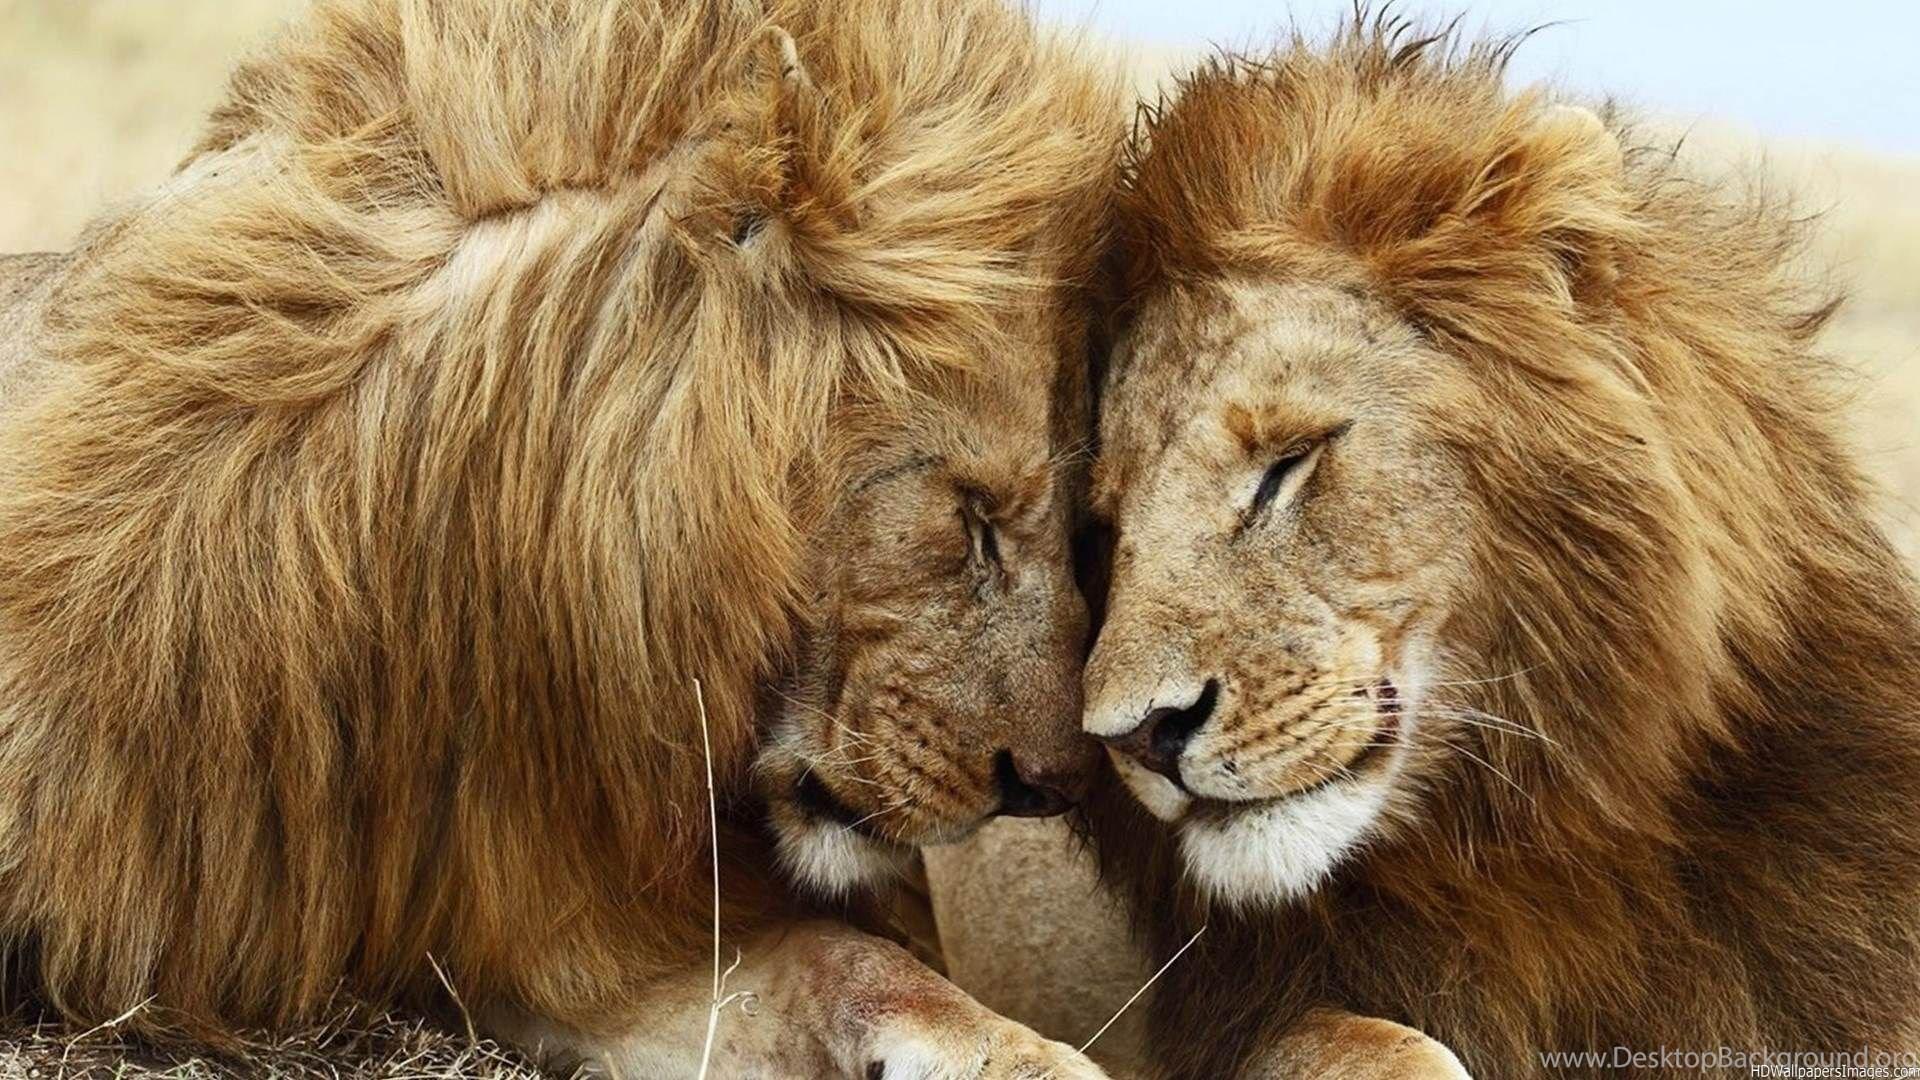 Рисунки, картинки на рабочий стол тигры и львы на весь экран